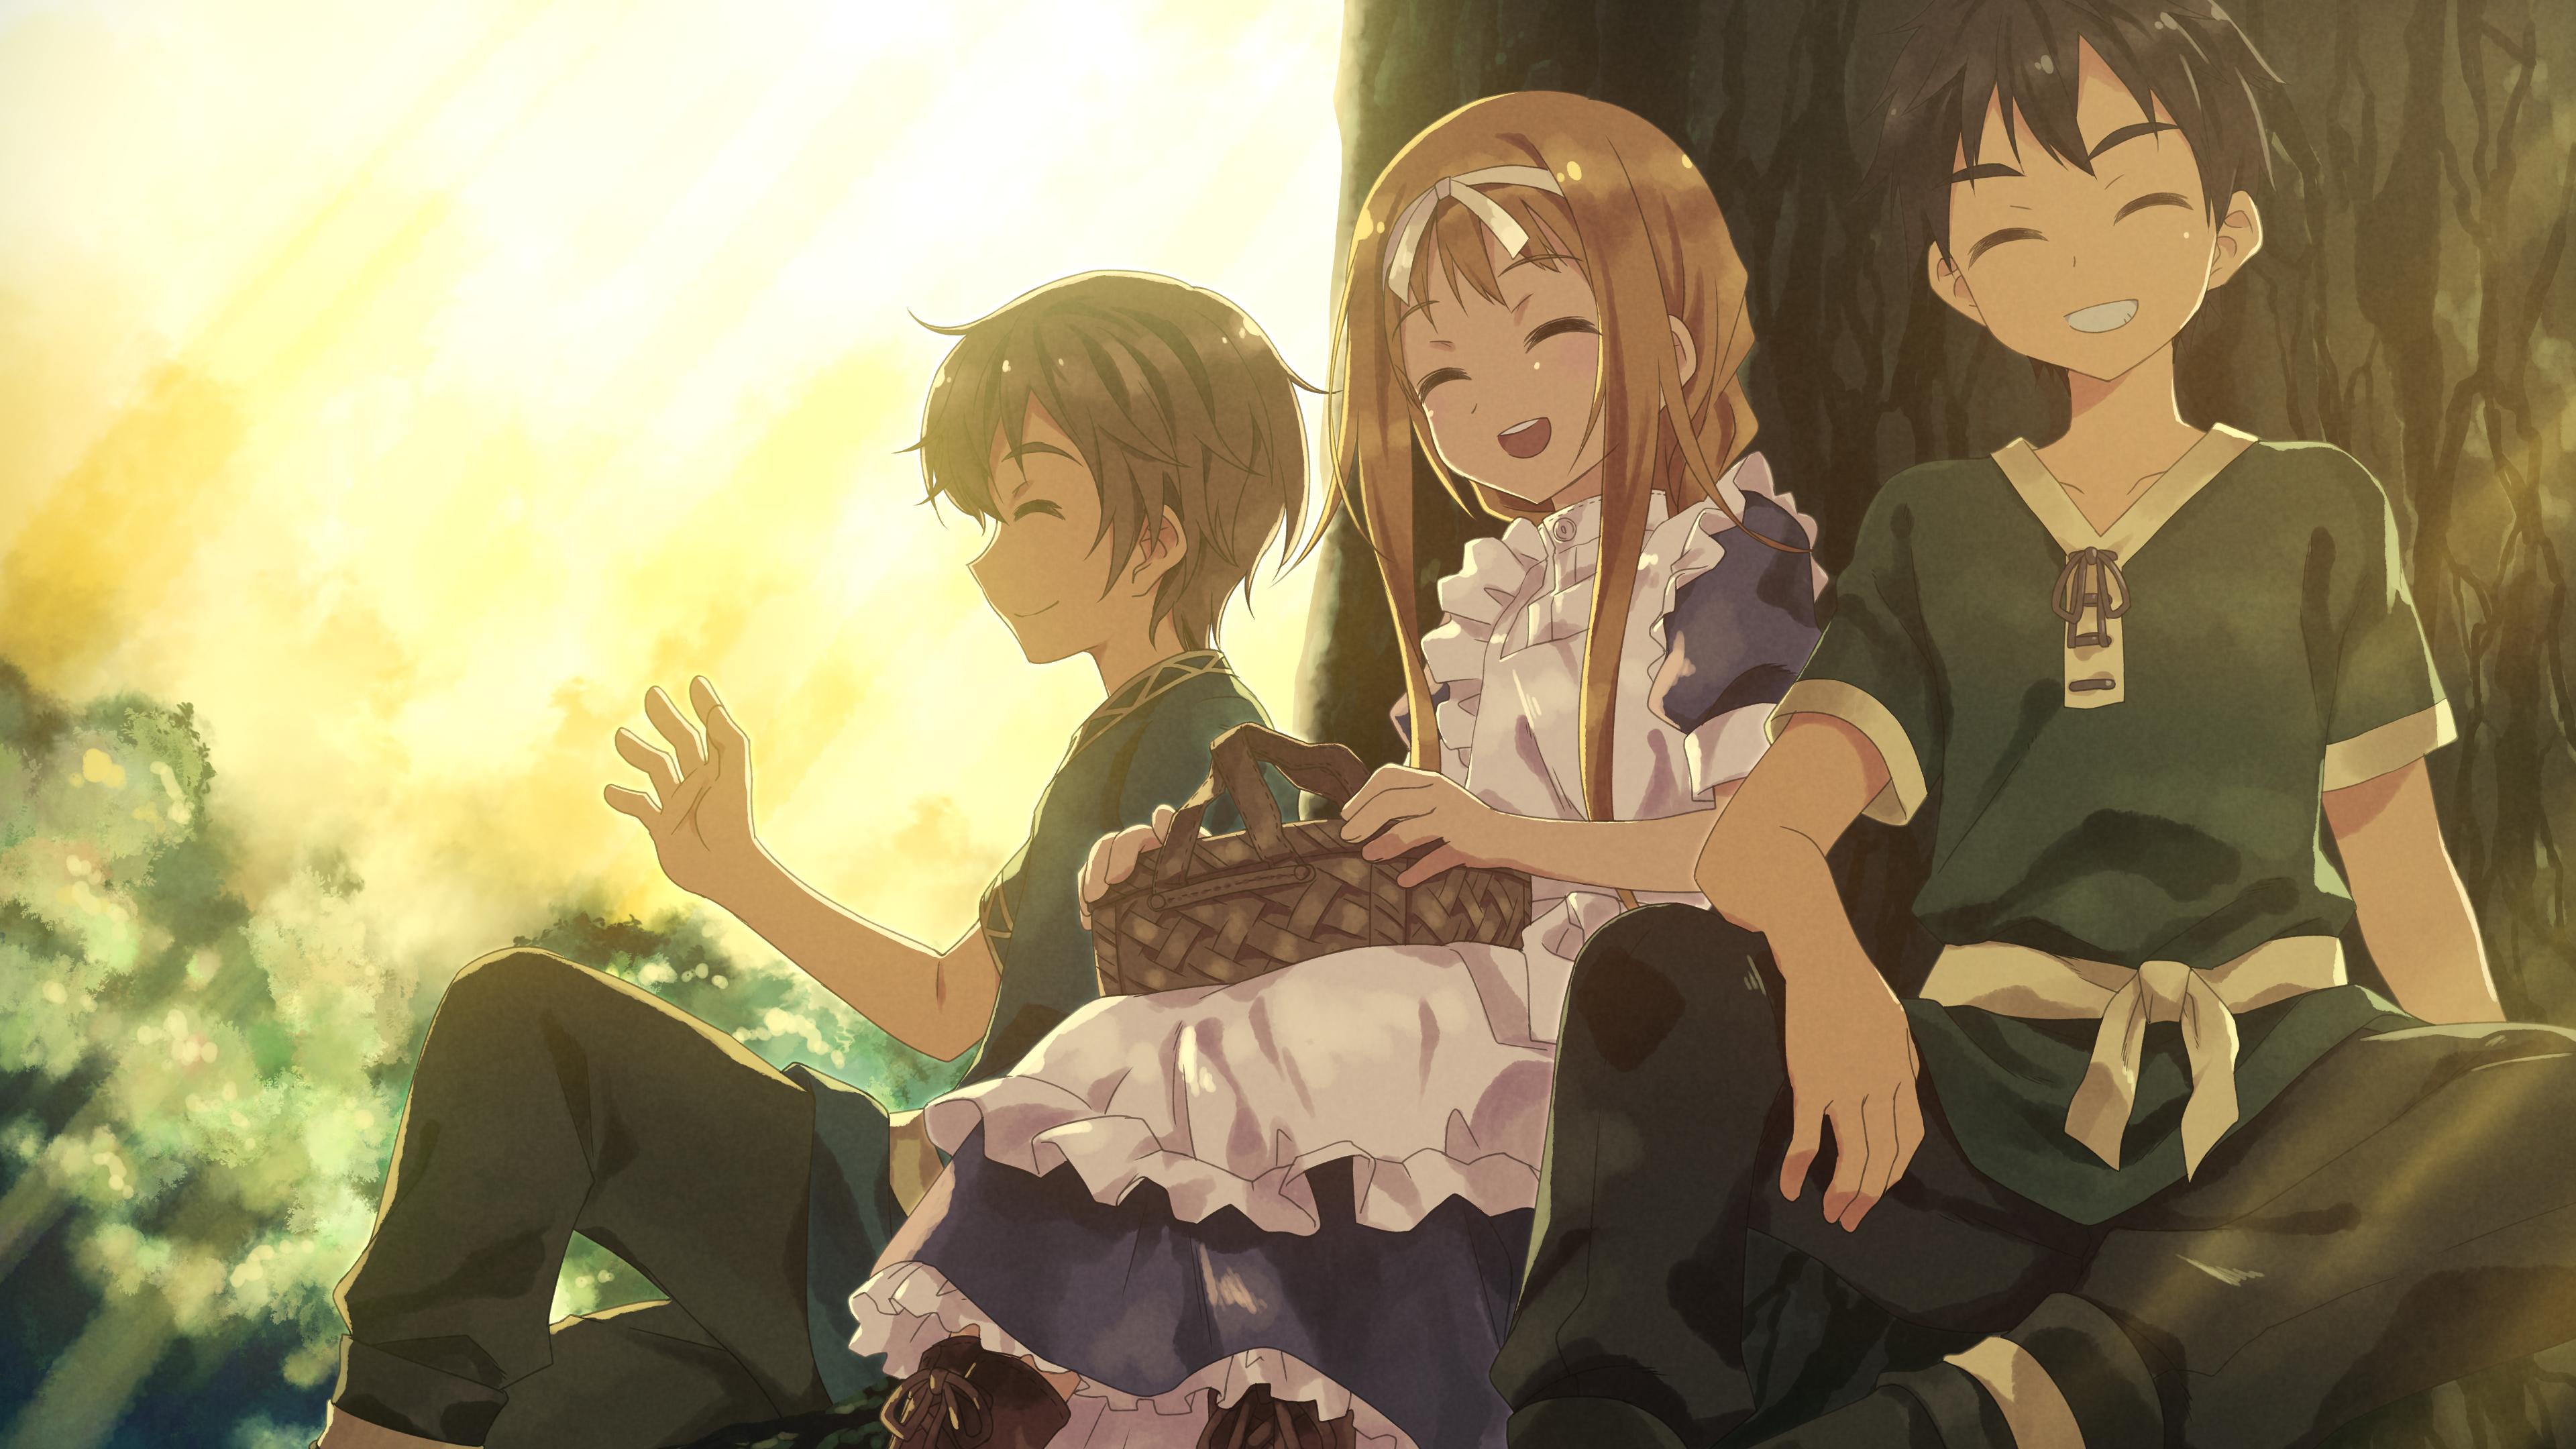 Sword Art Online Hd Wallpaper 1915598 Zerochan Anime Image Board